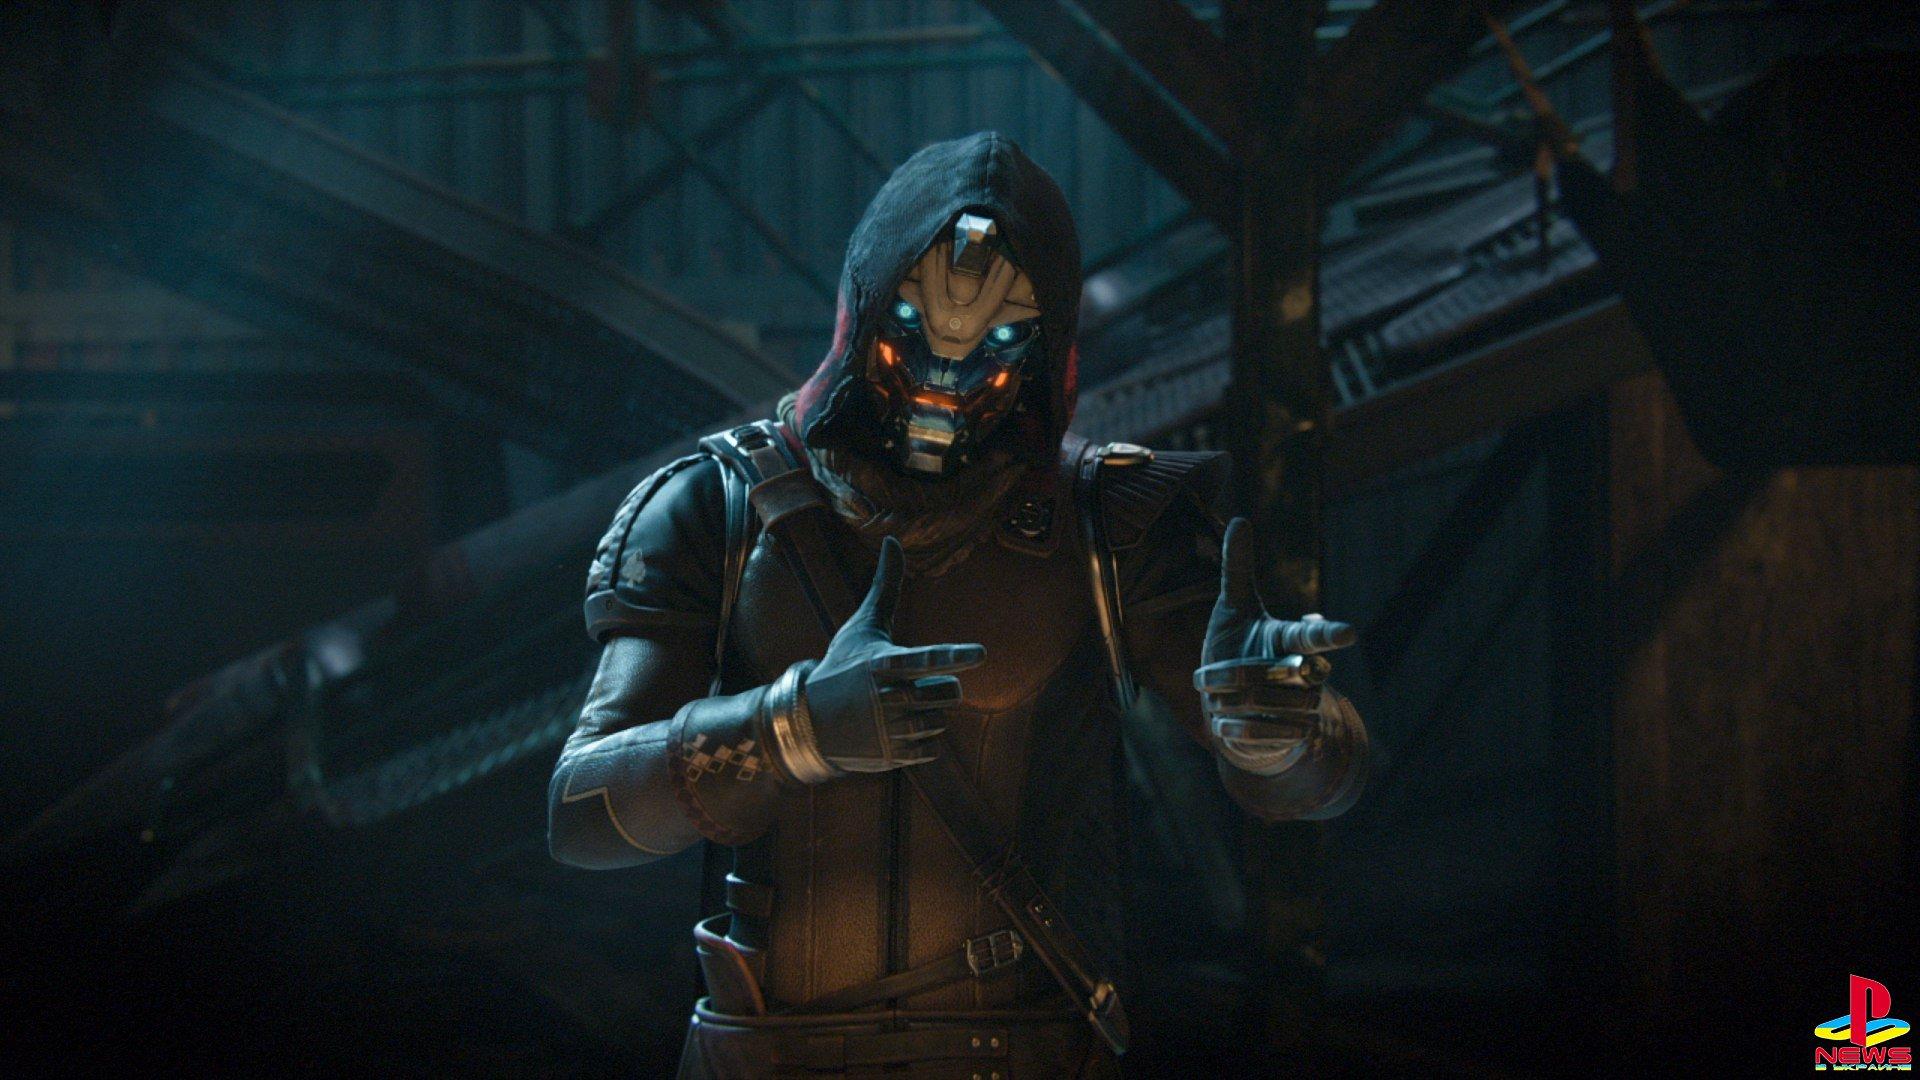 Видеоблоггеры начинают отказываться от выпуска контента по Destiny 2